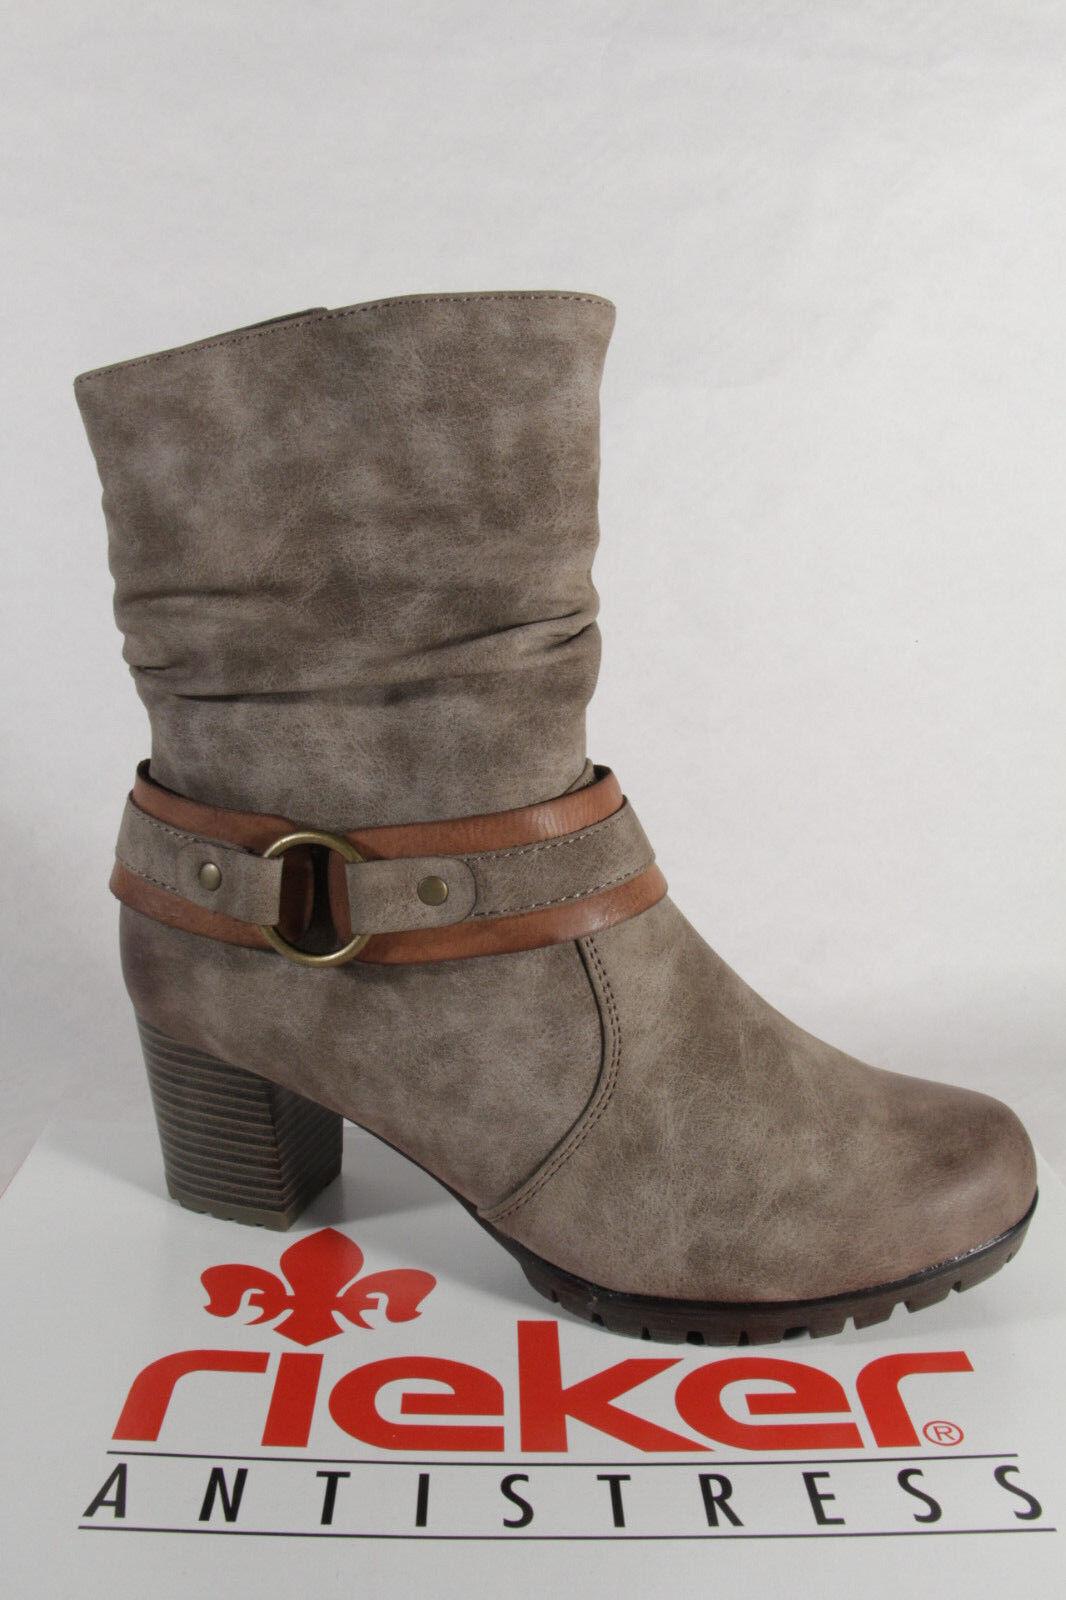 Rieker 98572 Women's Boots Ankle Boots grey zipper new